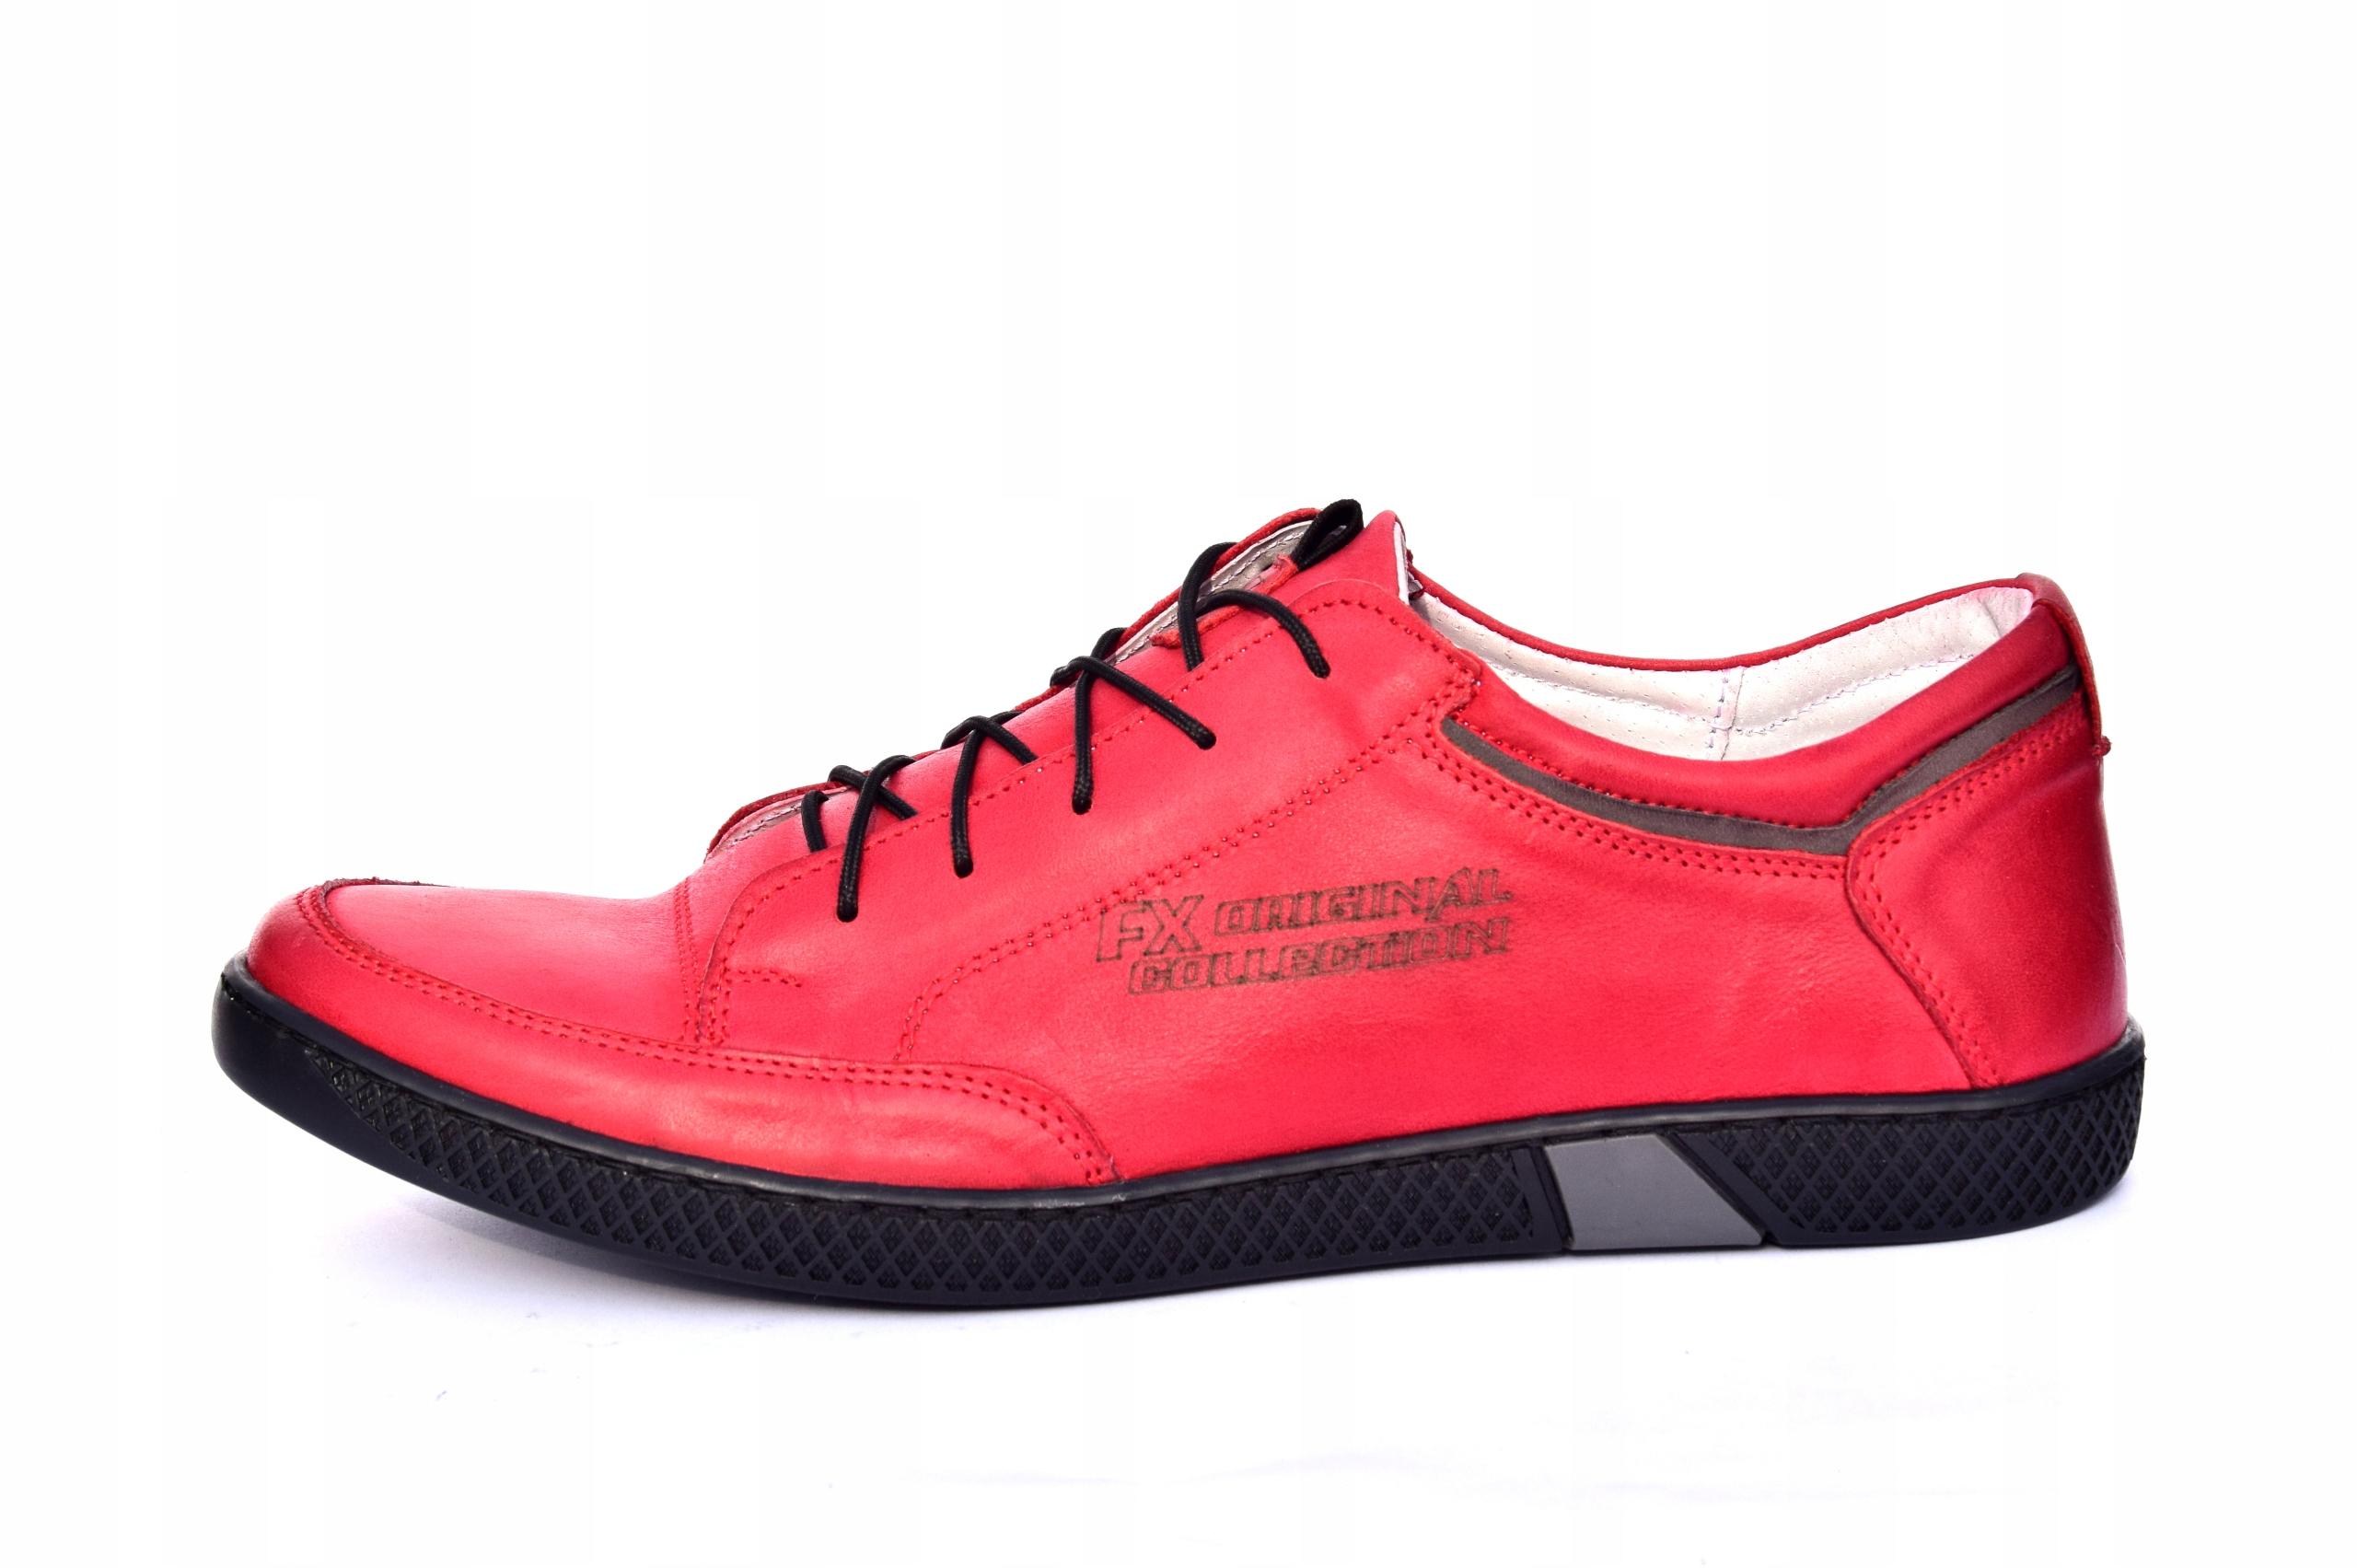 Skórzane czerwone sznurowane półbuty czerwone 0447 Marka inna